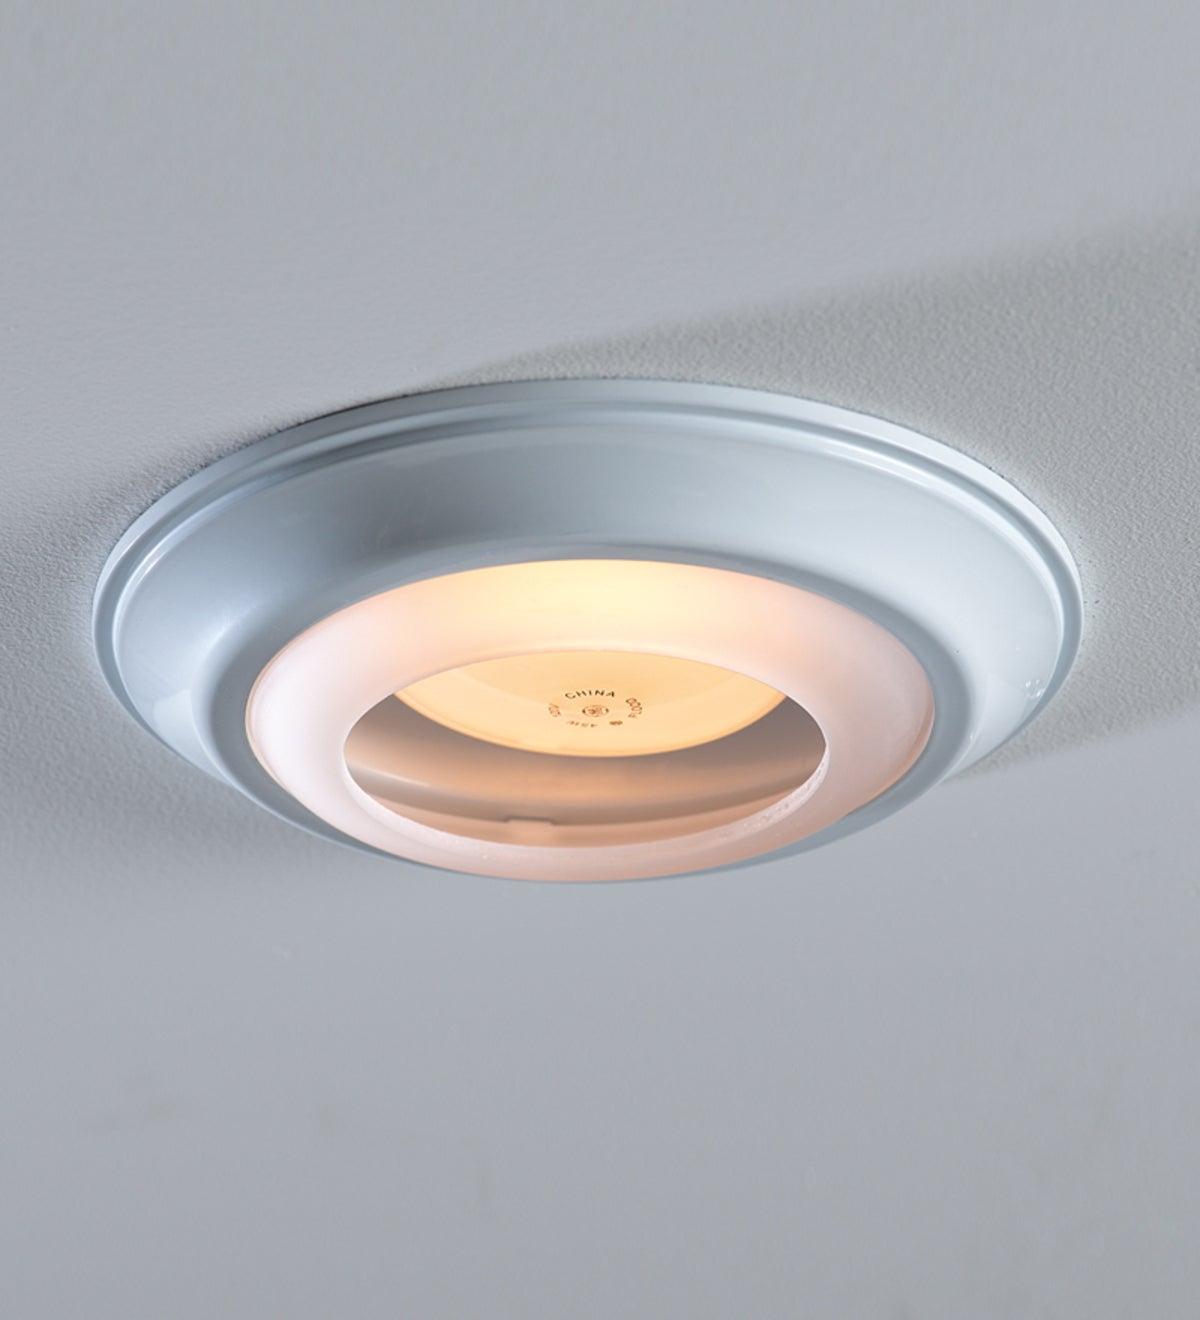 Simple trim recessed light cap ring white